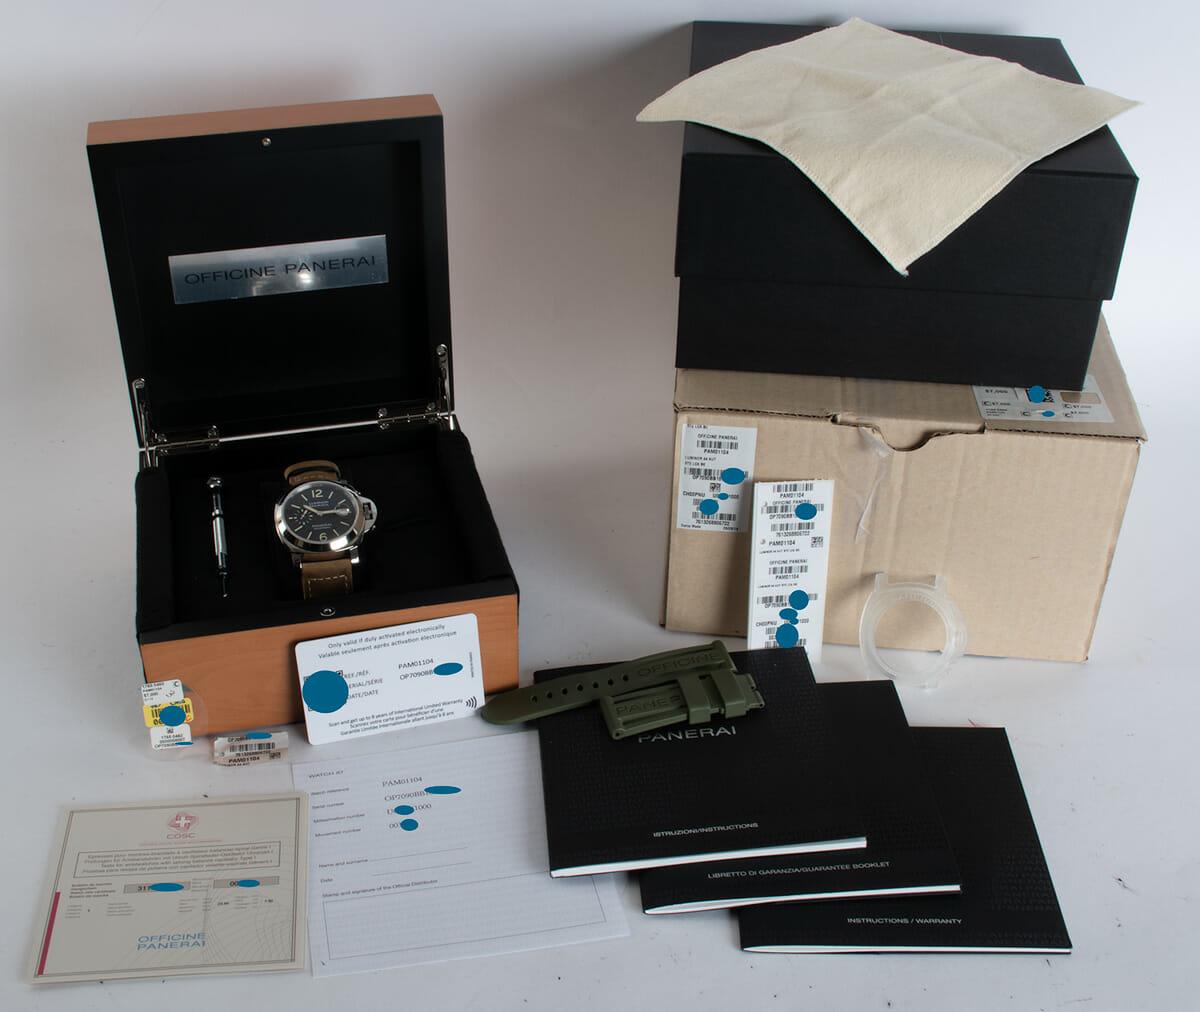 Box / Paper shot of Luminor Marina